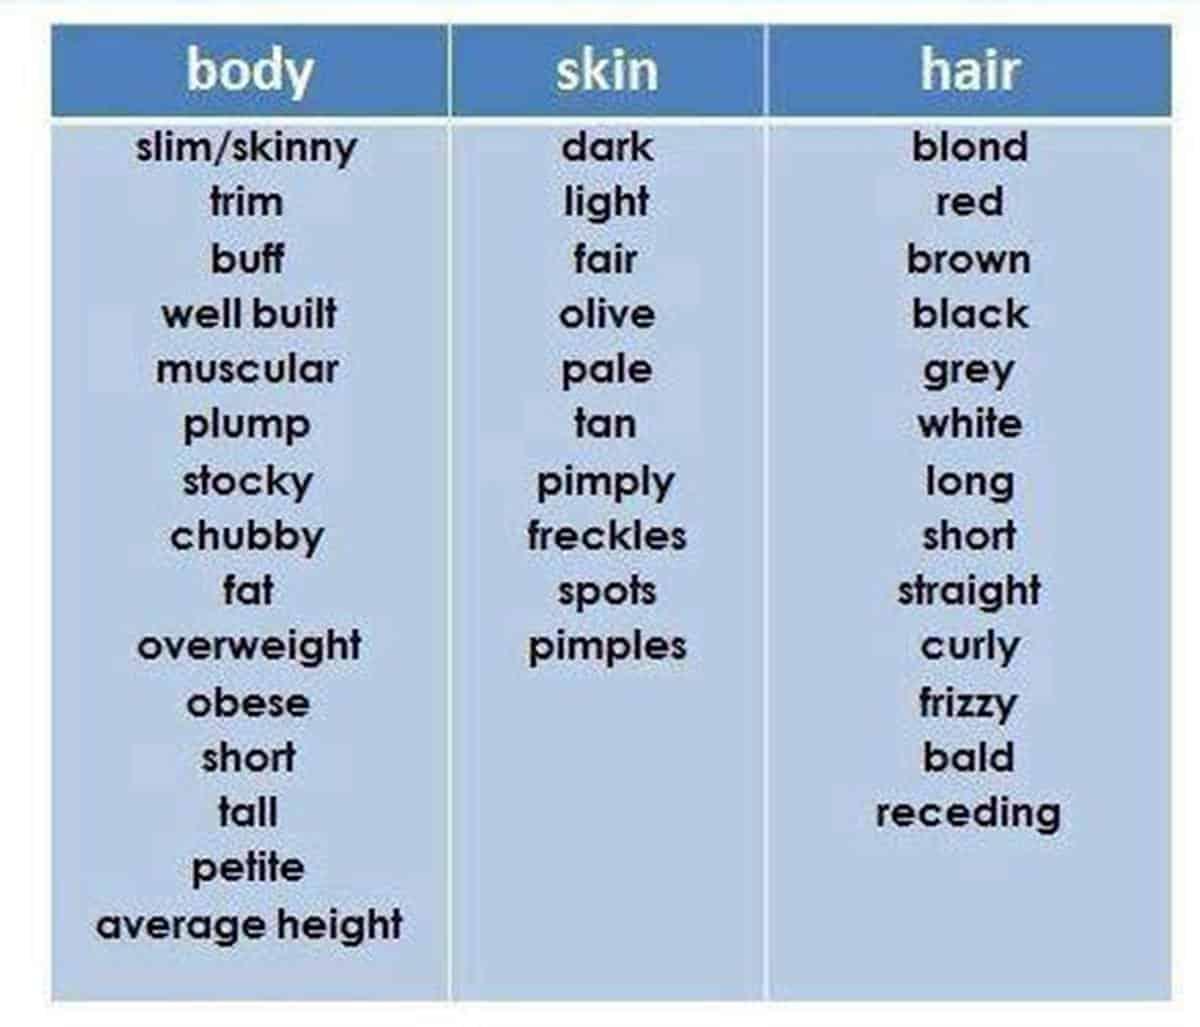 Describing a Person's Appearance